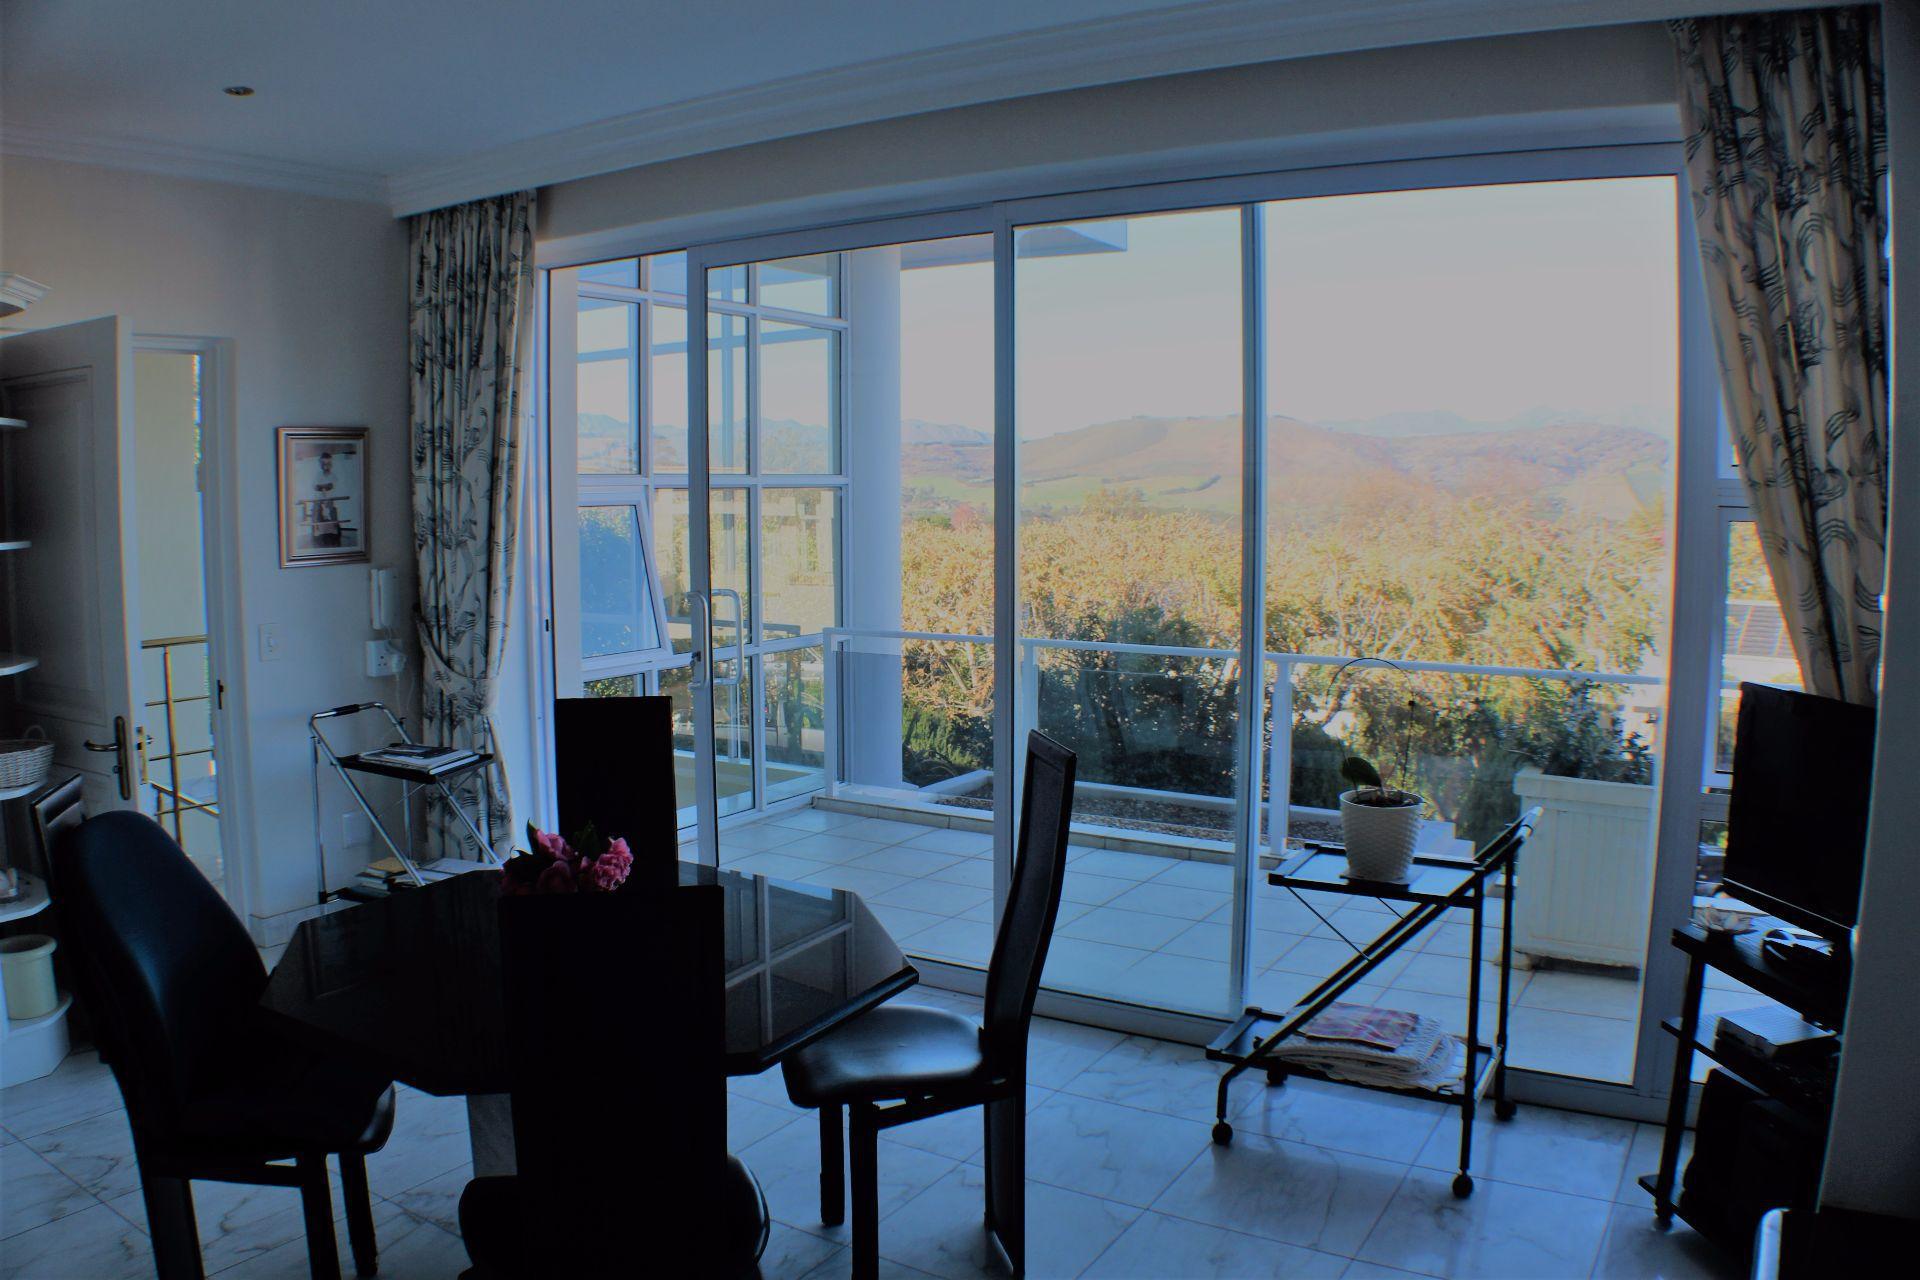 Erinvale Golf Estate property for sale. Ref No: 13509371. Picture no 9